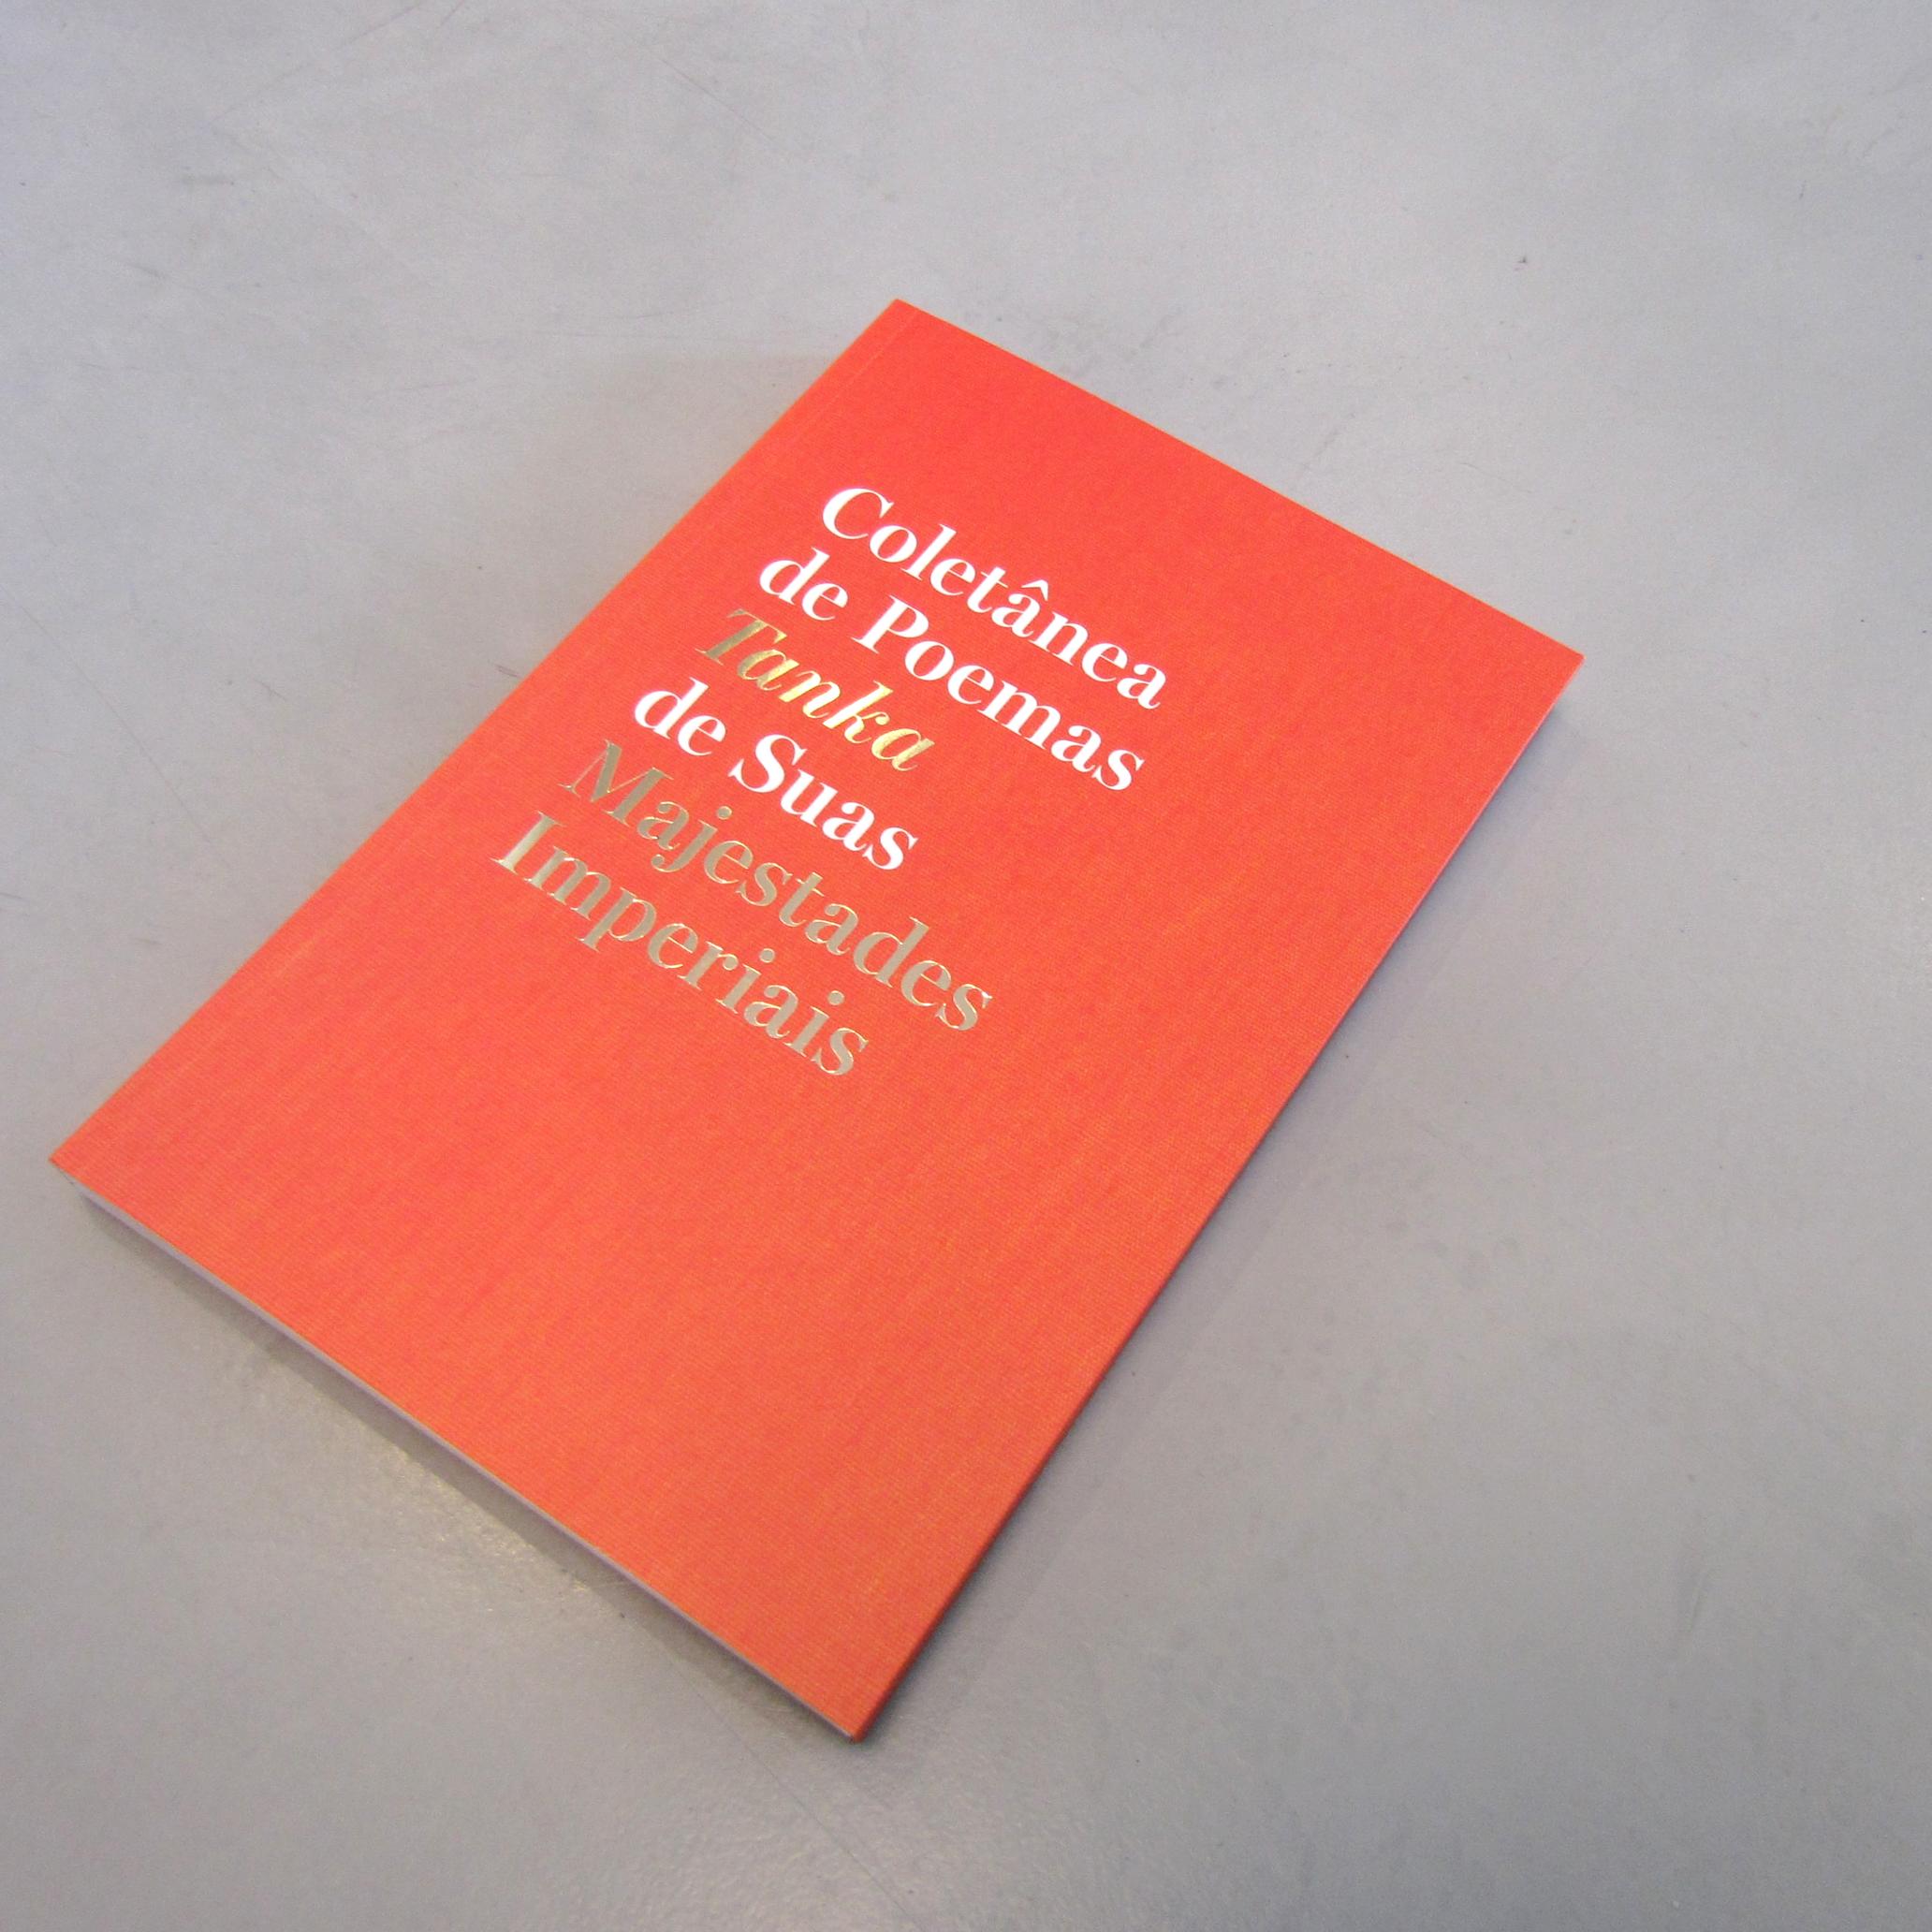 Projeto Gráfico de Capa (Intercultural).